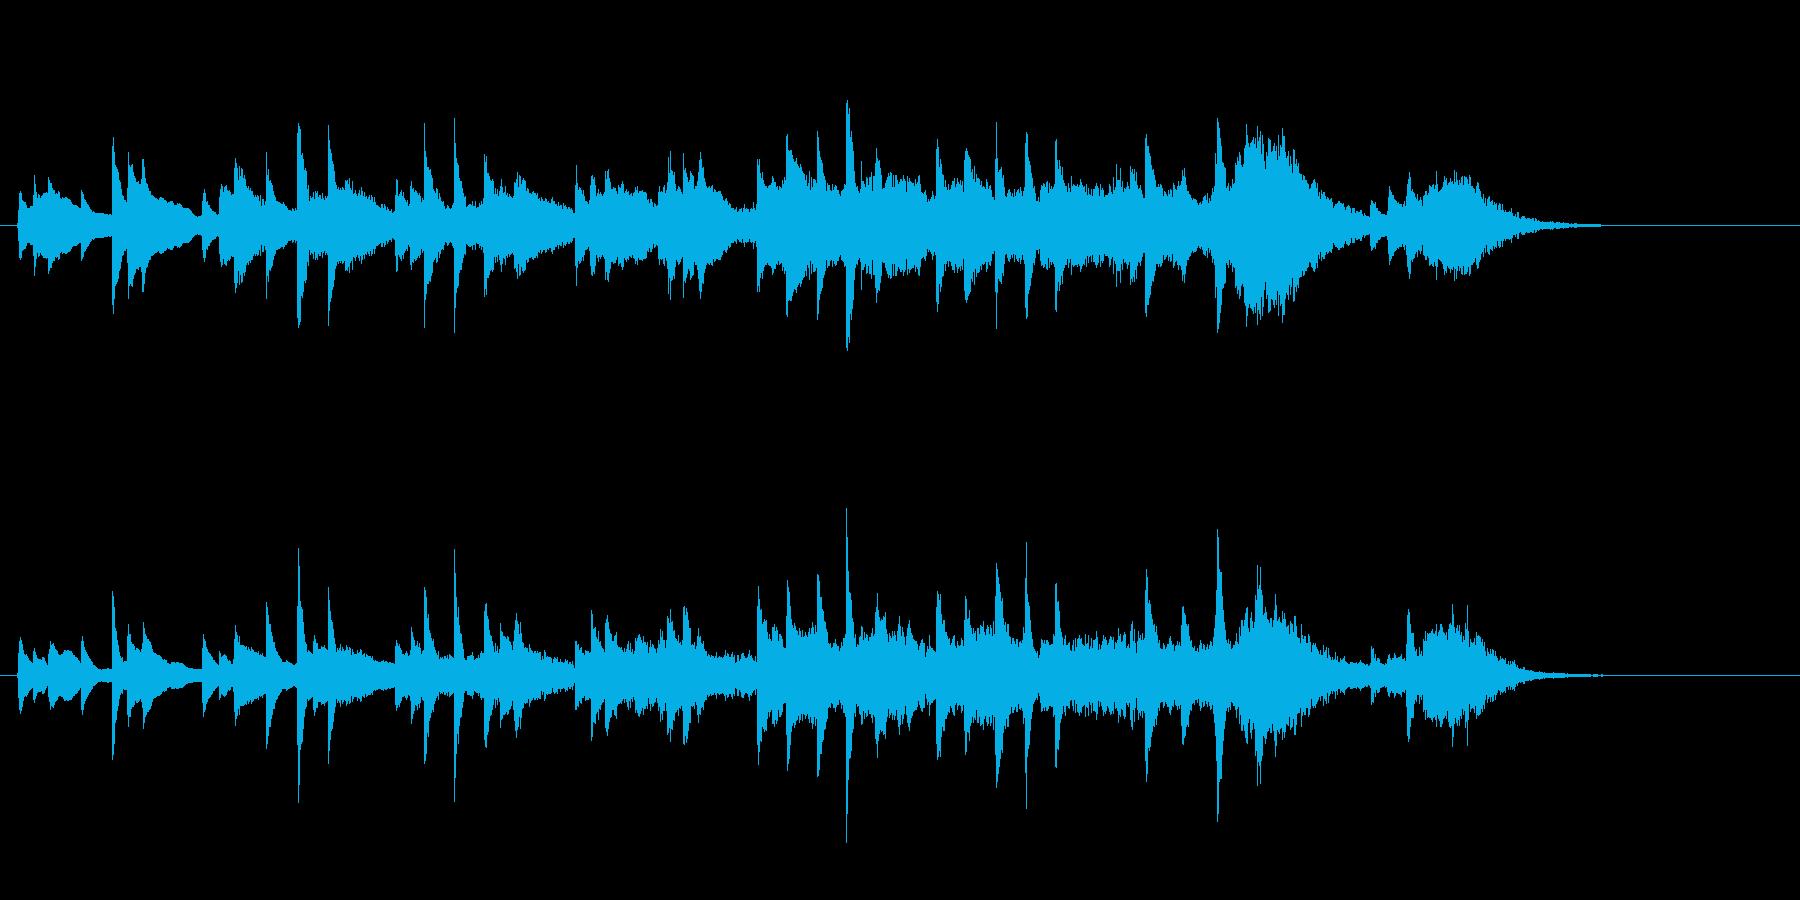 感動系ドラマのエンディングBGMの再生済みの波形